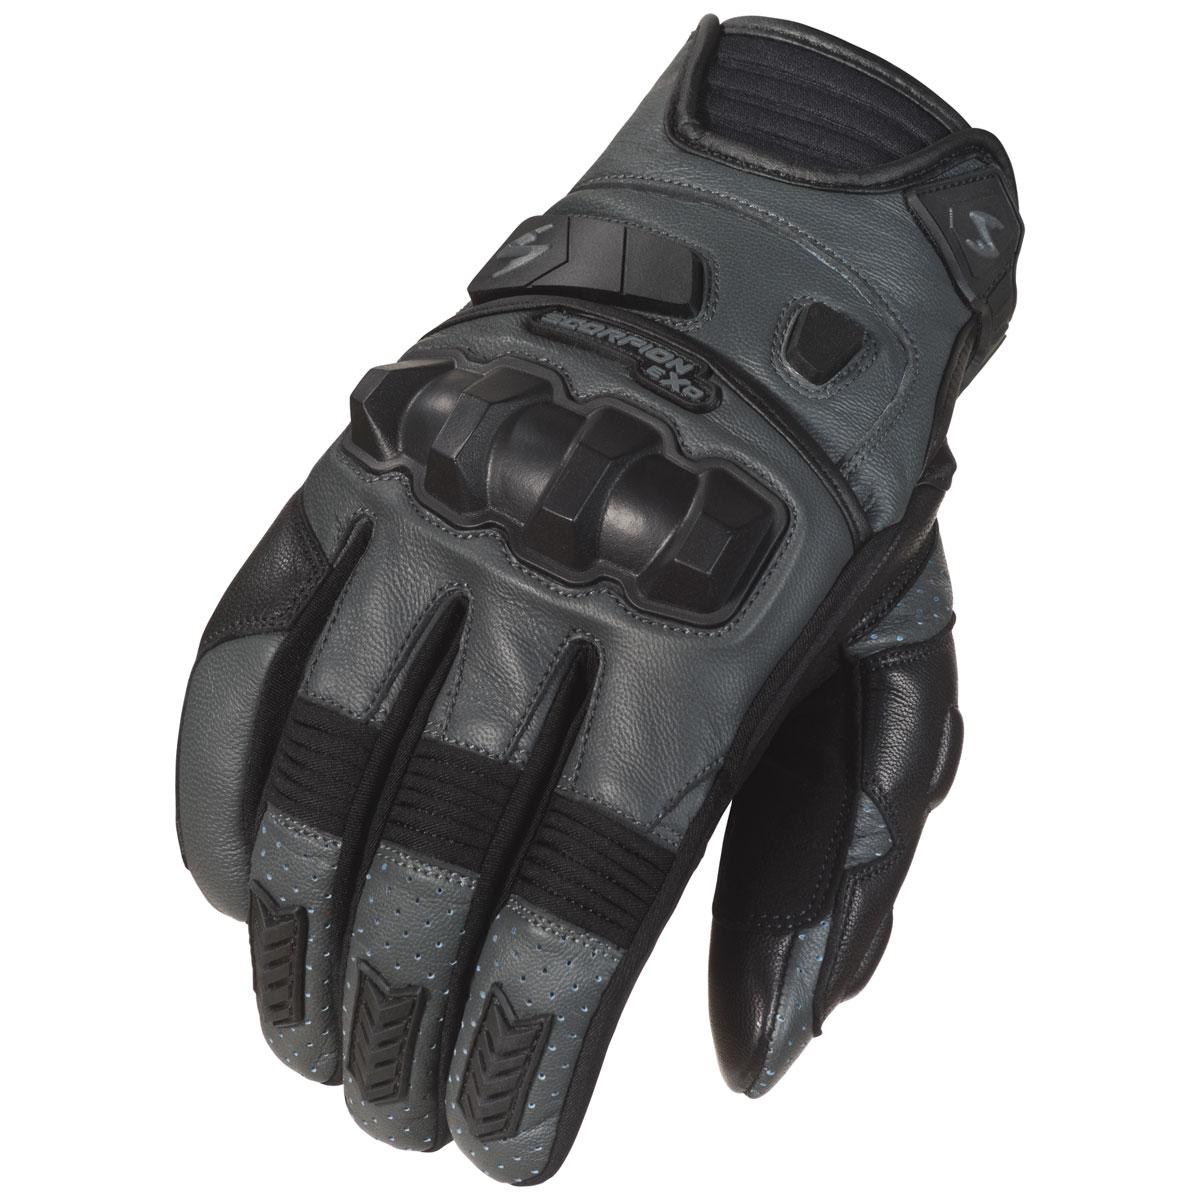 Scorpion EXO Men's Klaw II Gray Leather Gloves